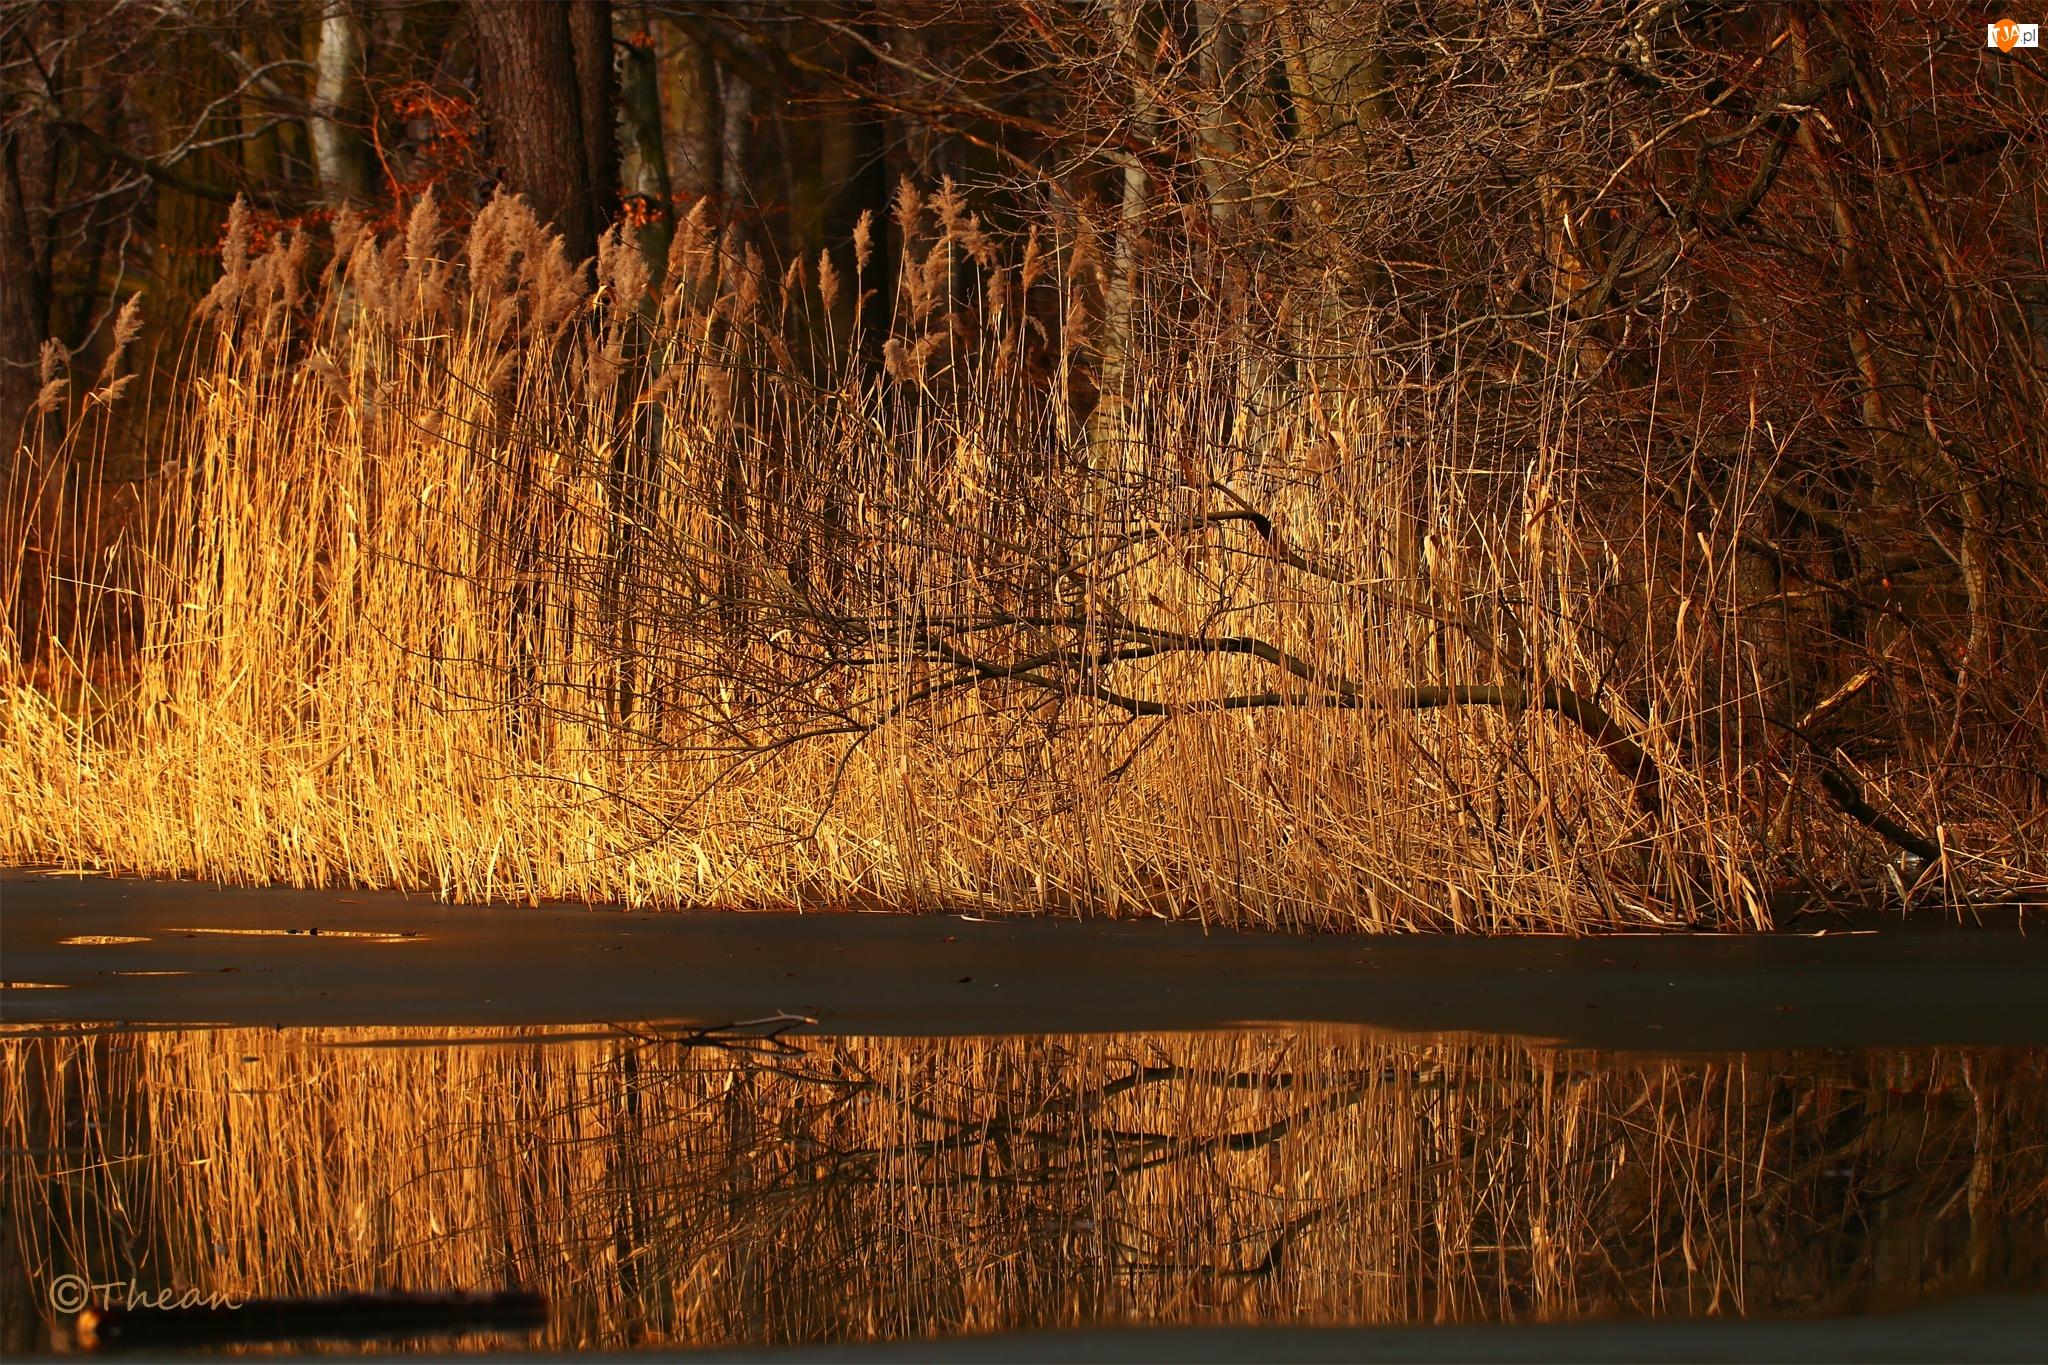 Przedwiośnie, Jezioro, Trawy, Topniejące, Drzewa